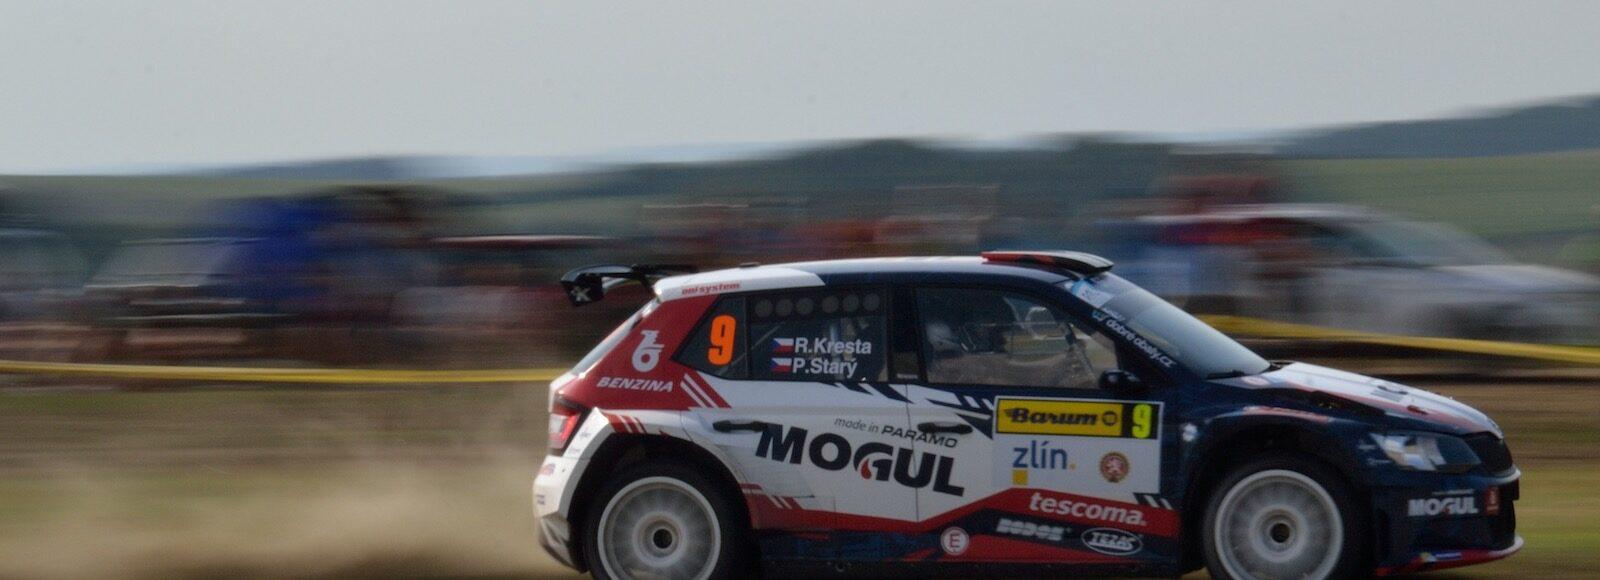 Roman Kresta v Škoda Fabia R5 na Barum Rally